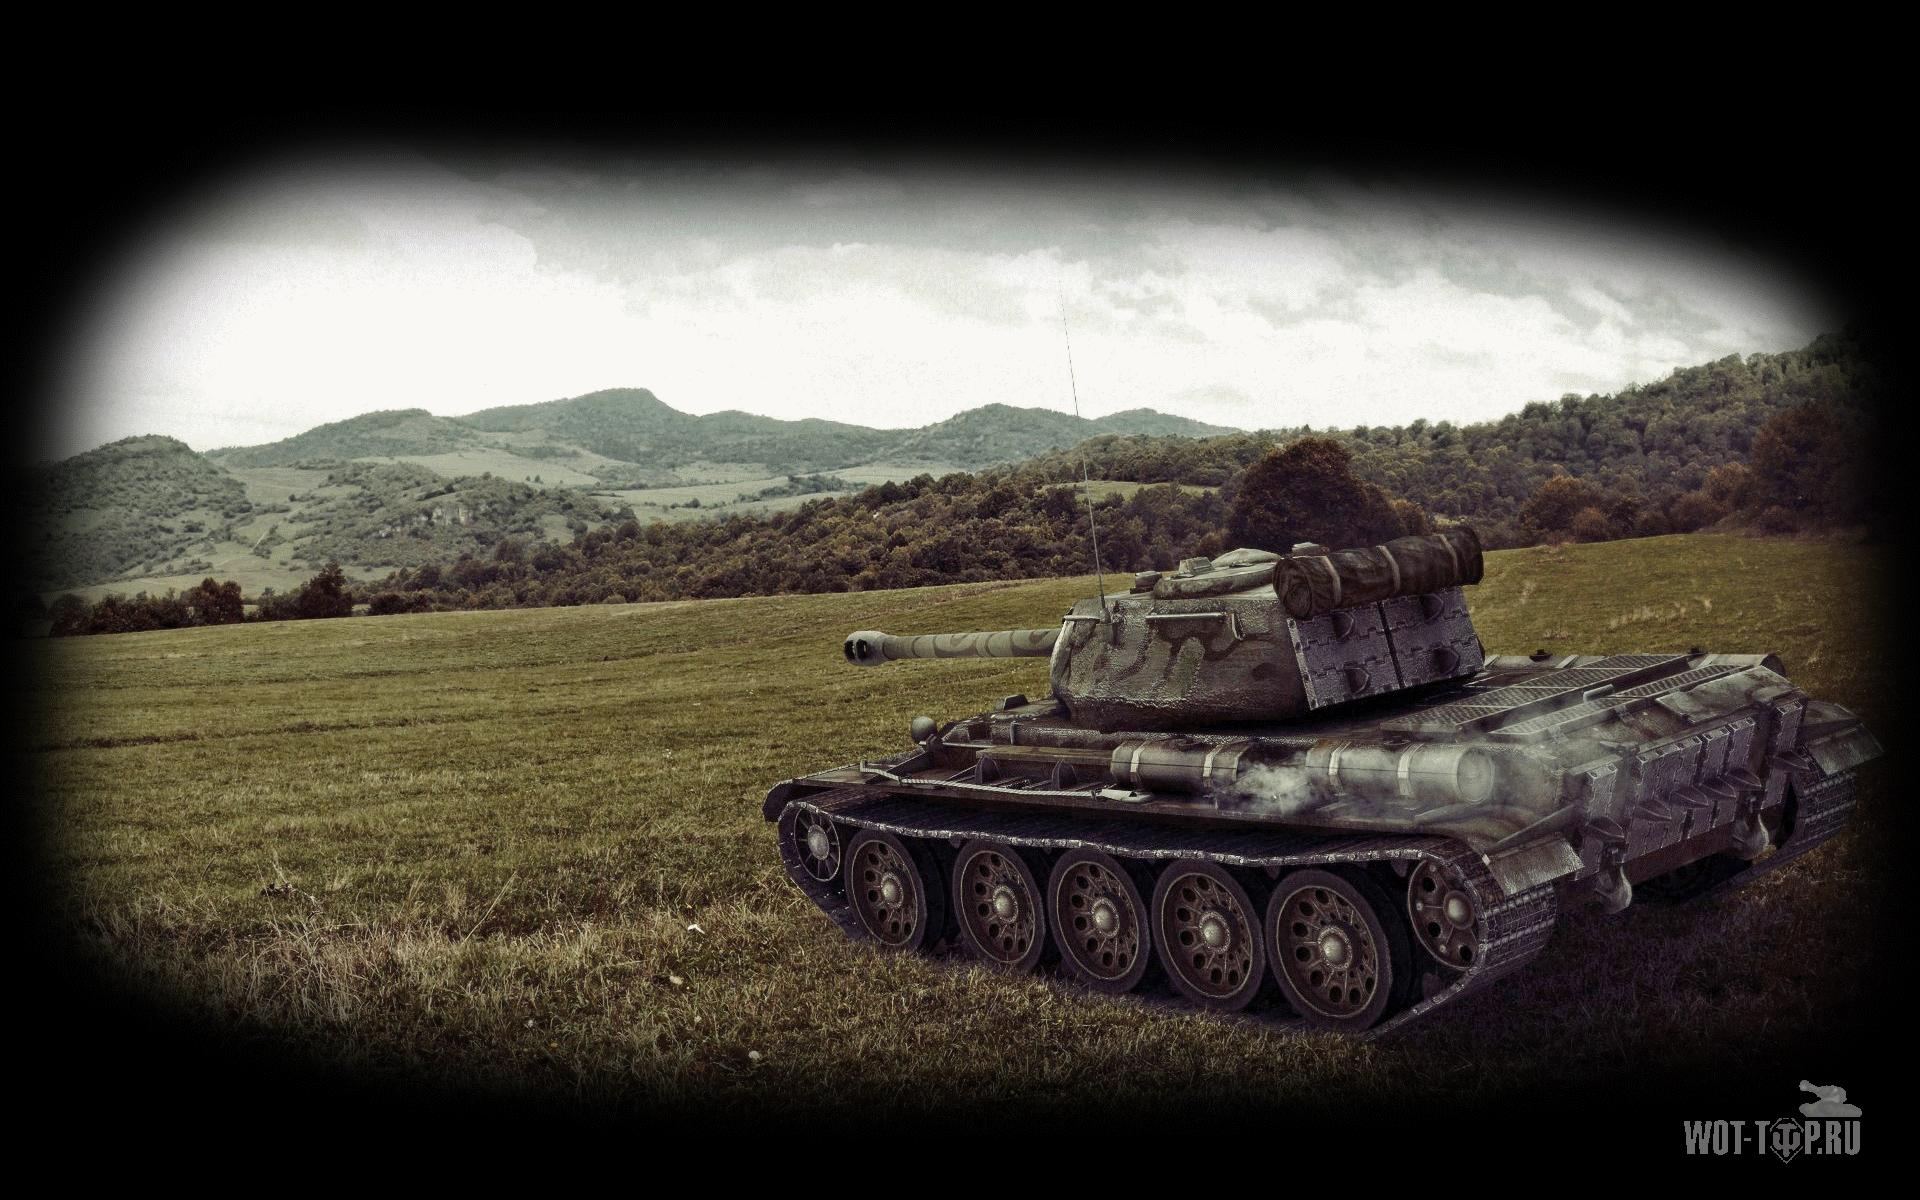 В стиле танкового арта